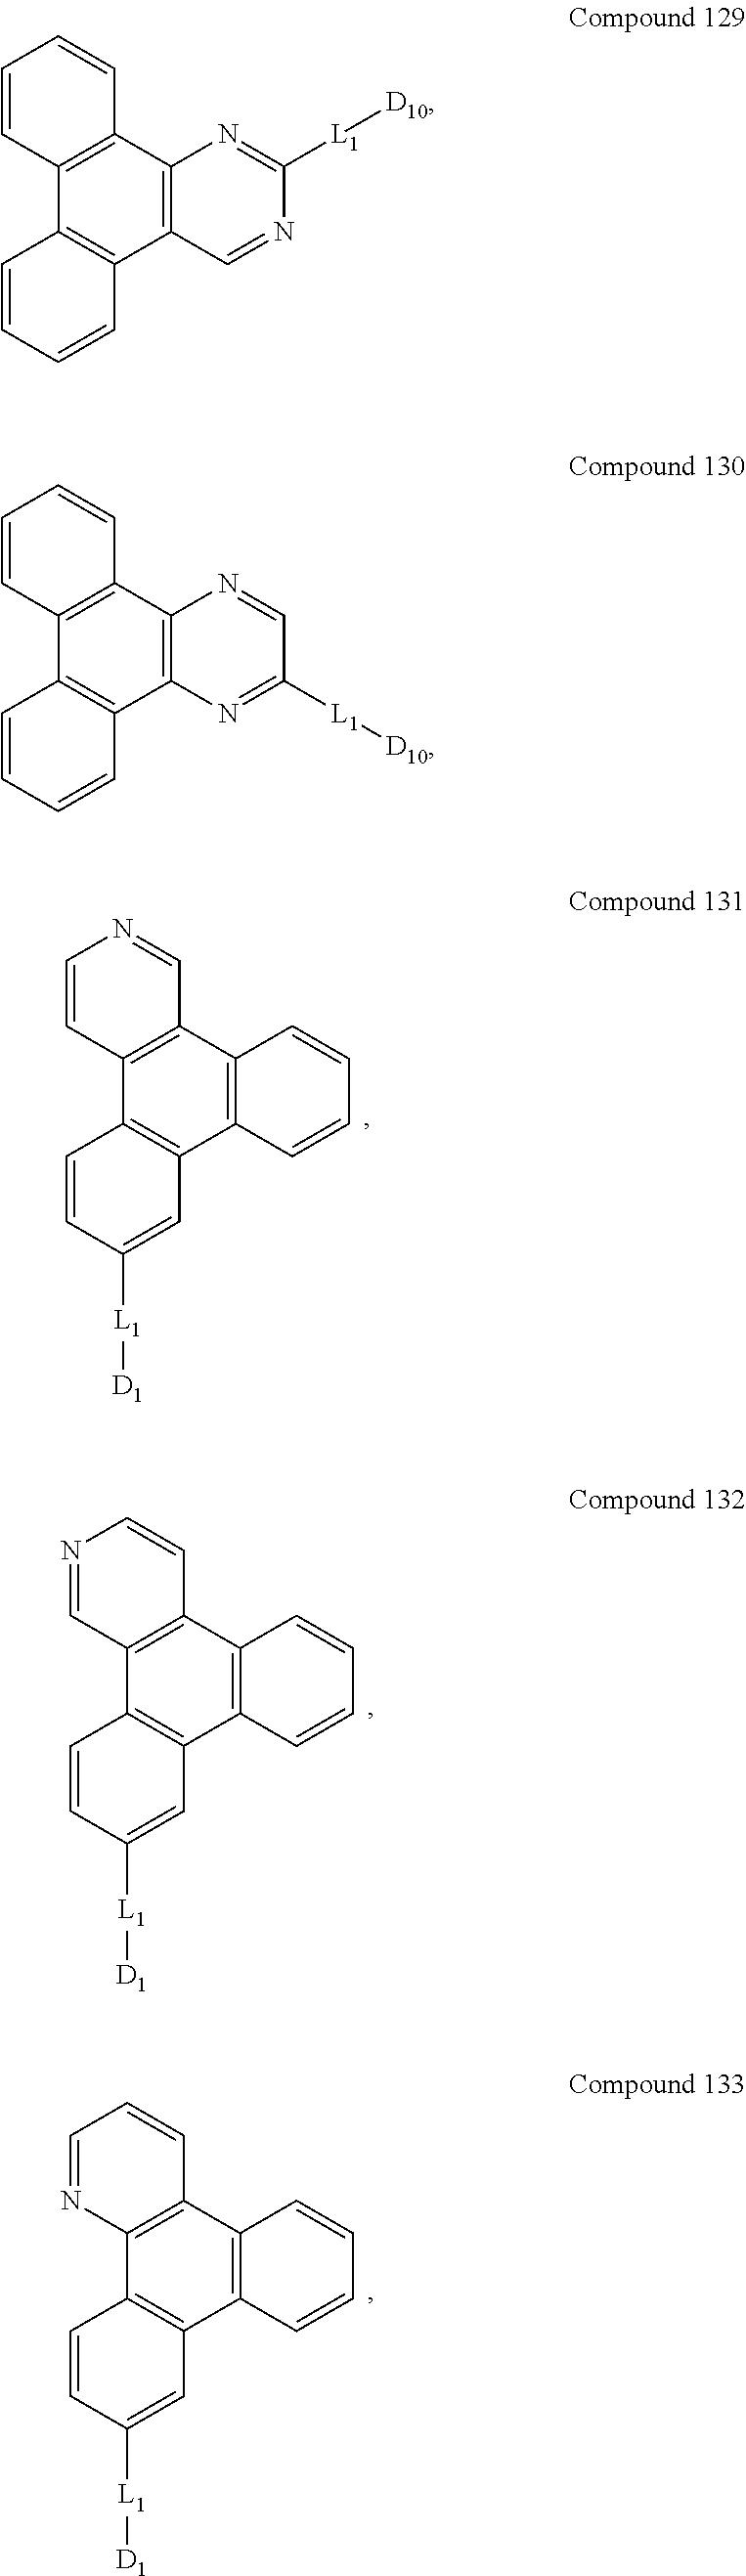 Figure US09537106-20170103-C00070